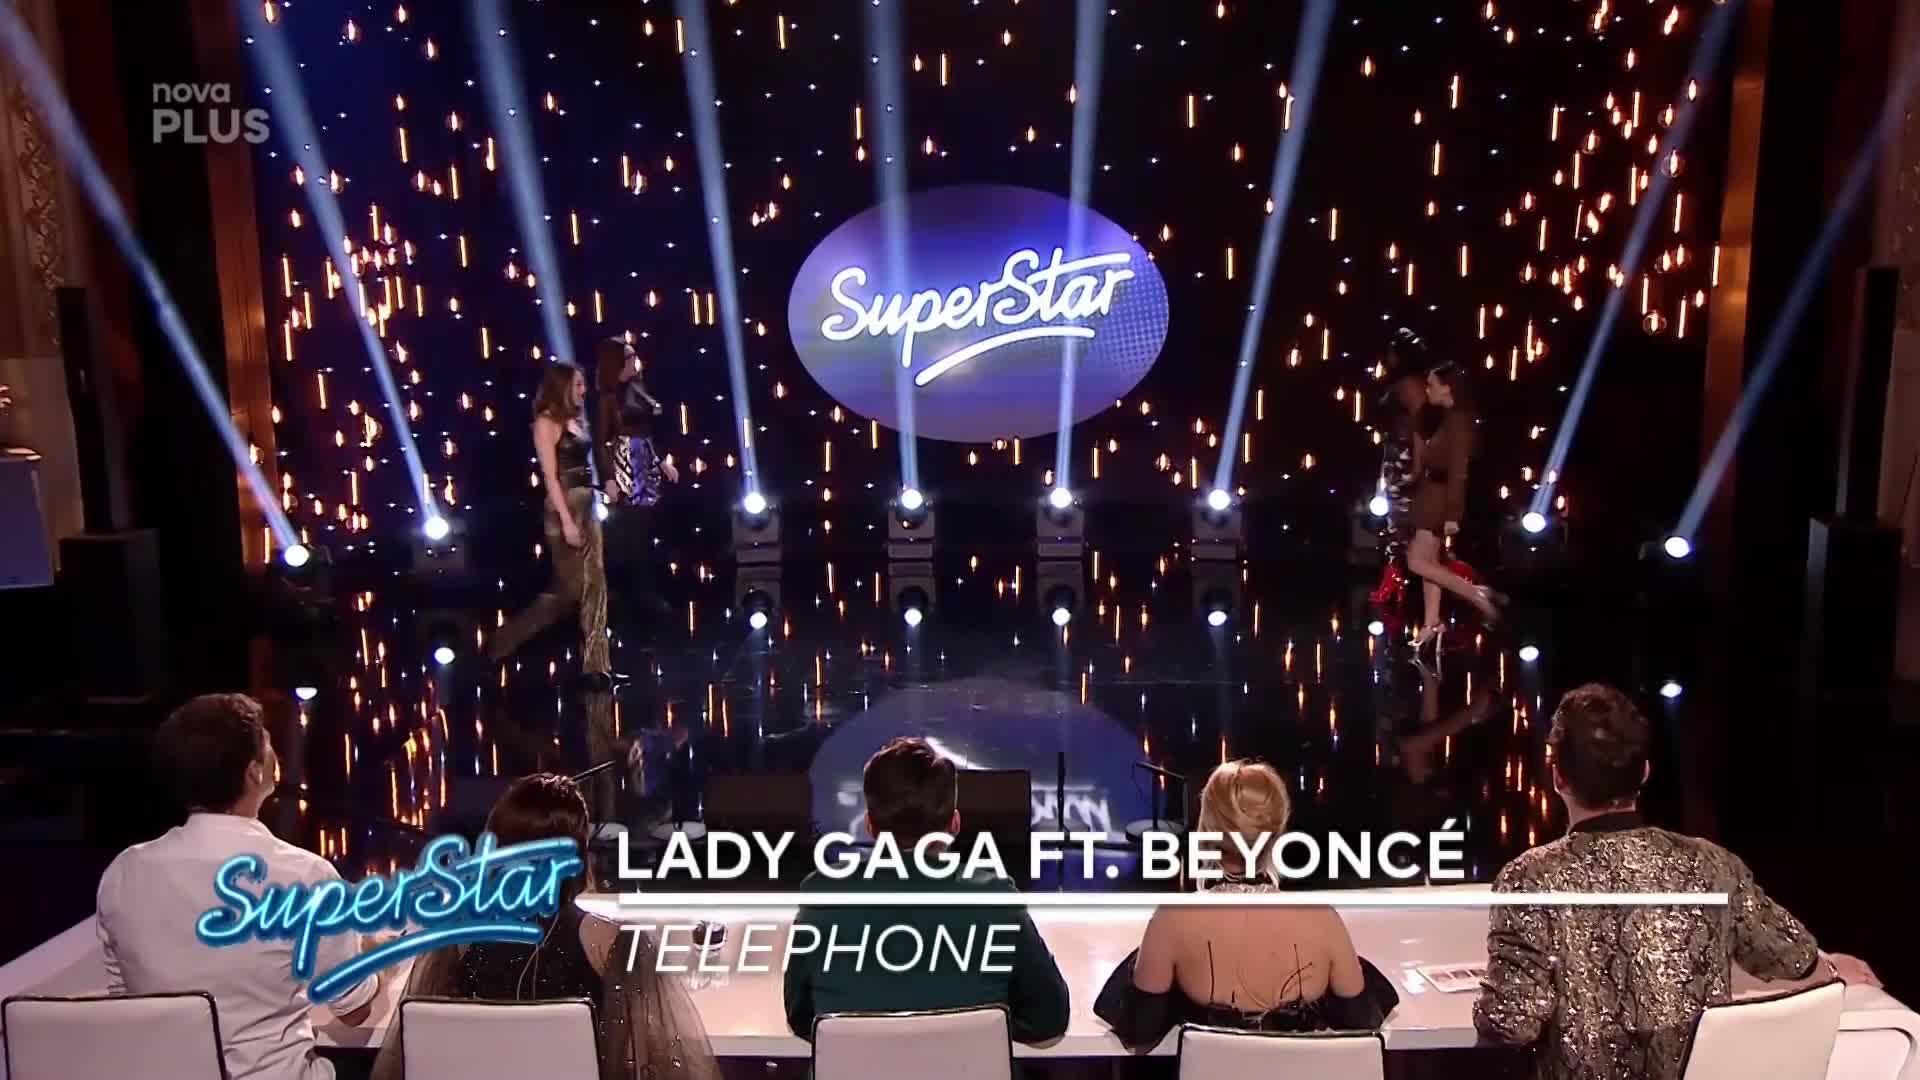 To jste v SuperStar ještě neviděli! Čím všechny ohromí tahle dívčí skupina?